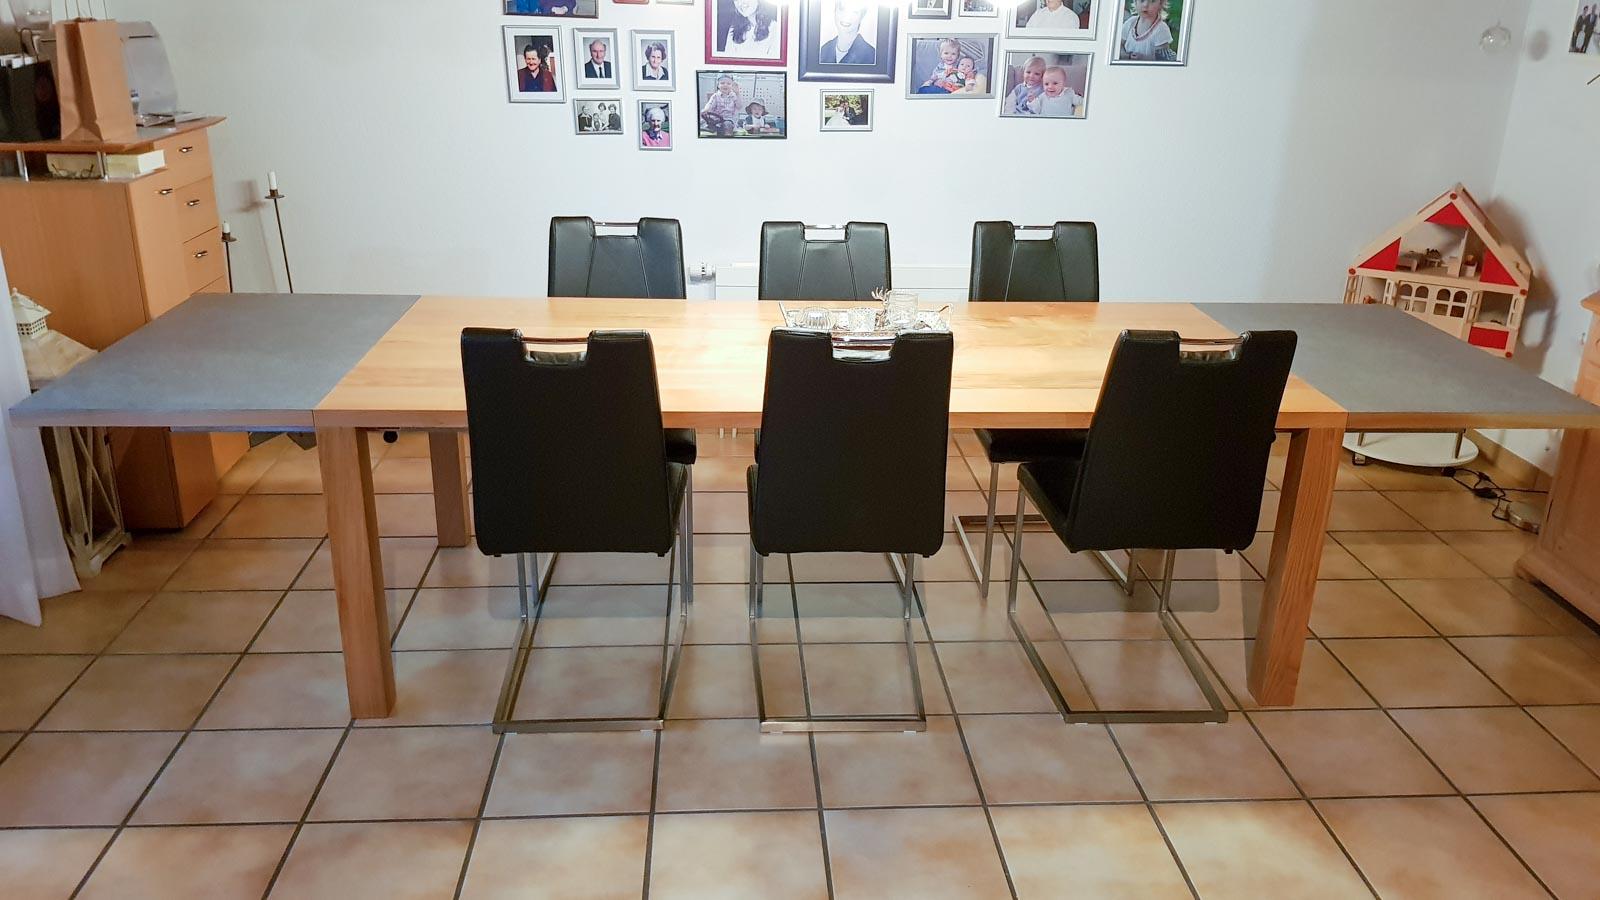 Wooddesign_Tisch_ Tischverlängerung_Kirschbaum_Beine aussen1 (7)